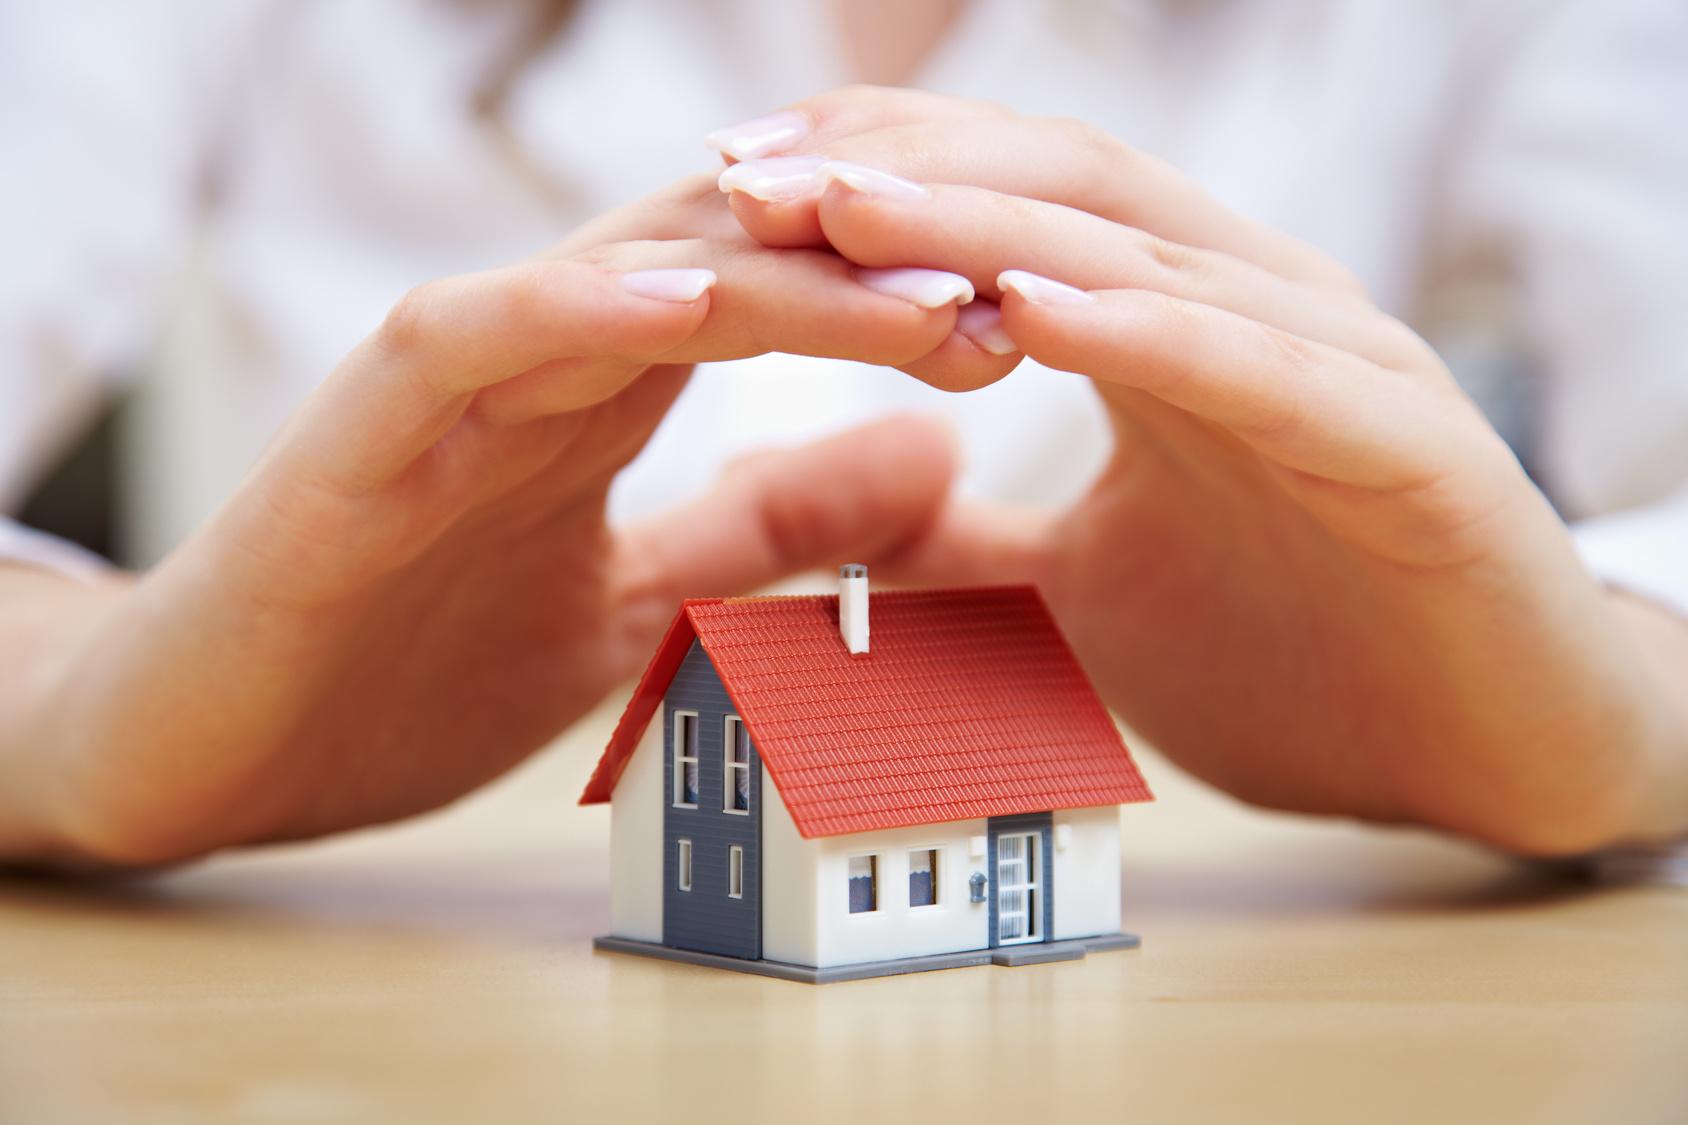 Weibliche Hände schützen ein kleines Einfamilienhaus